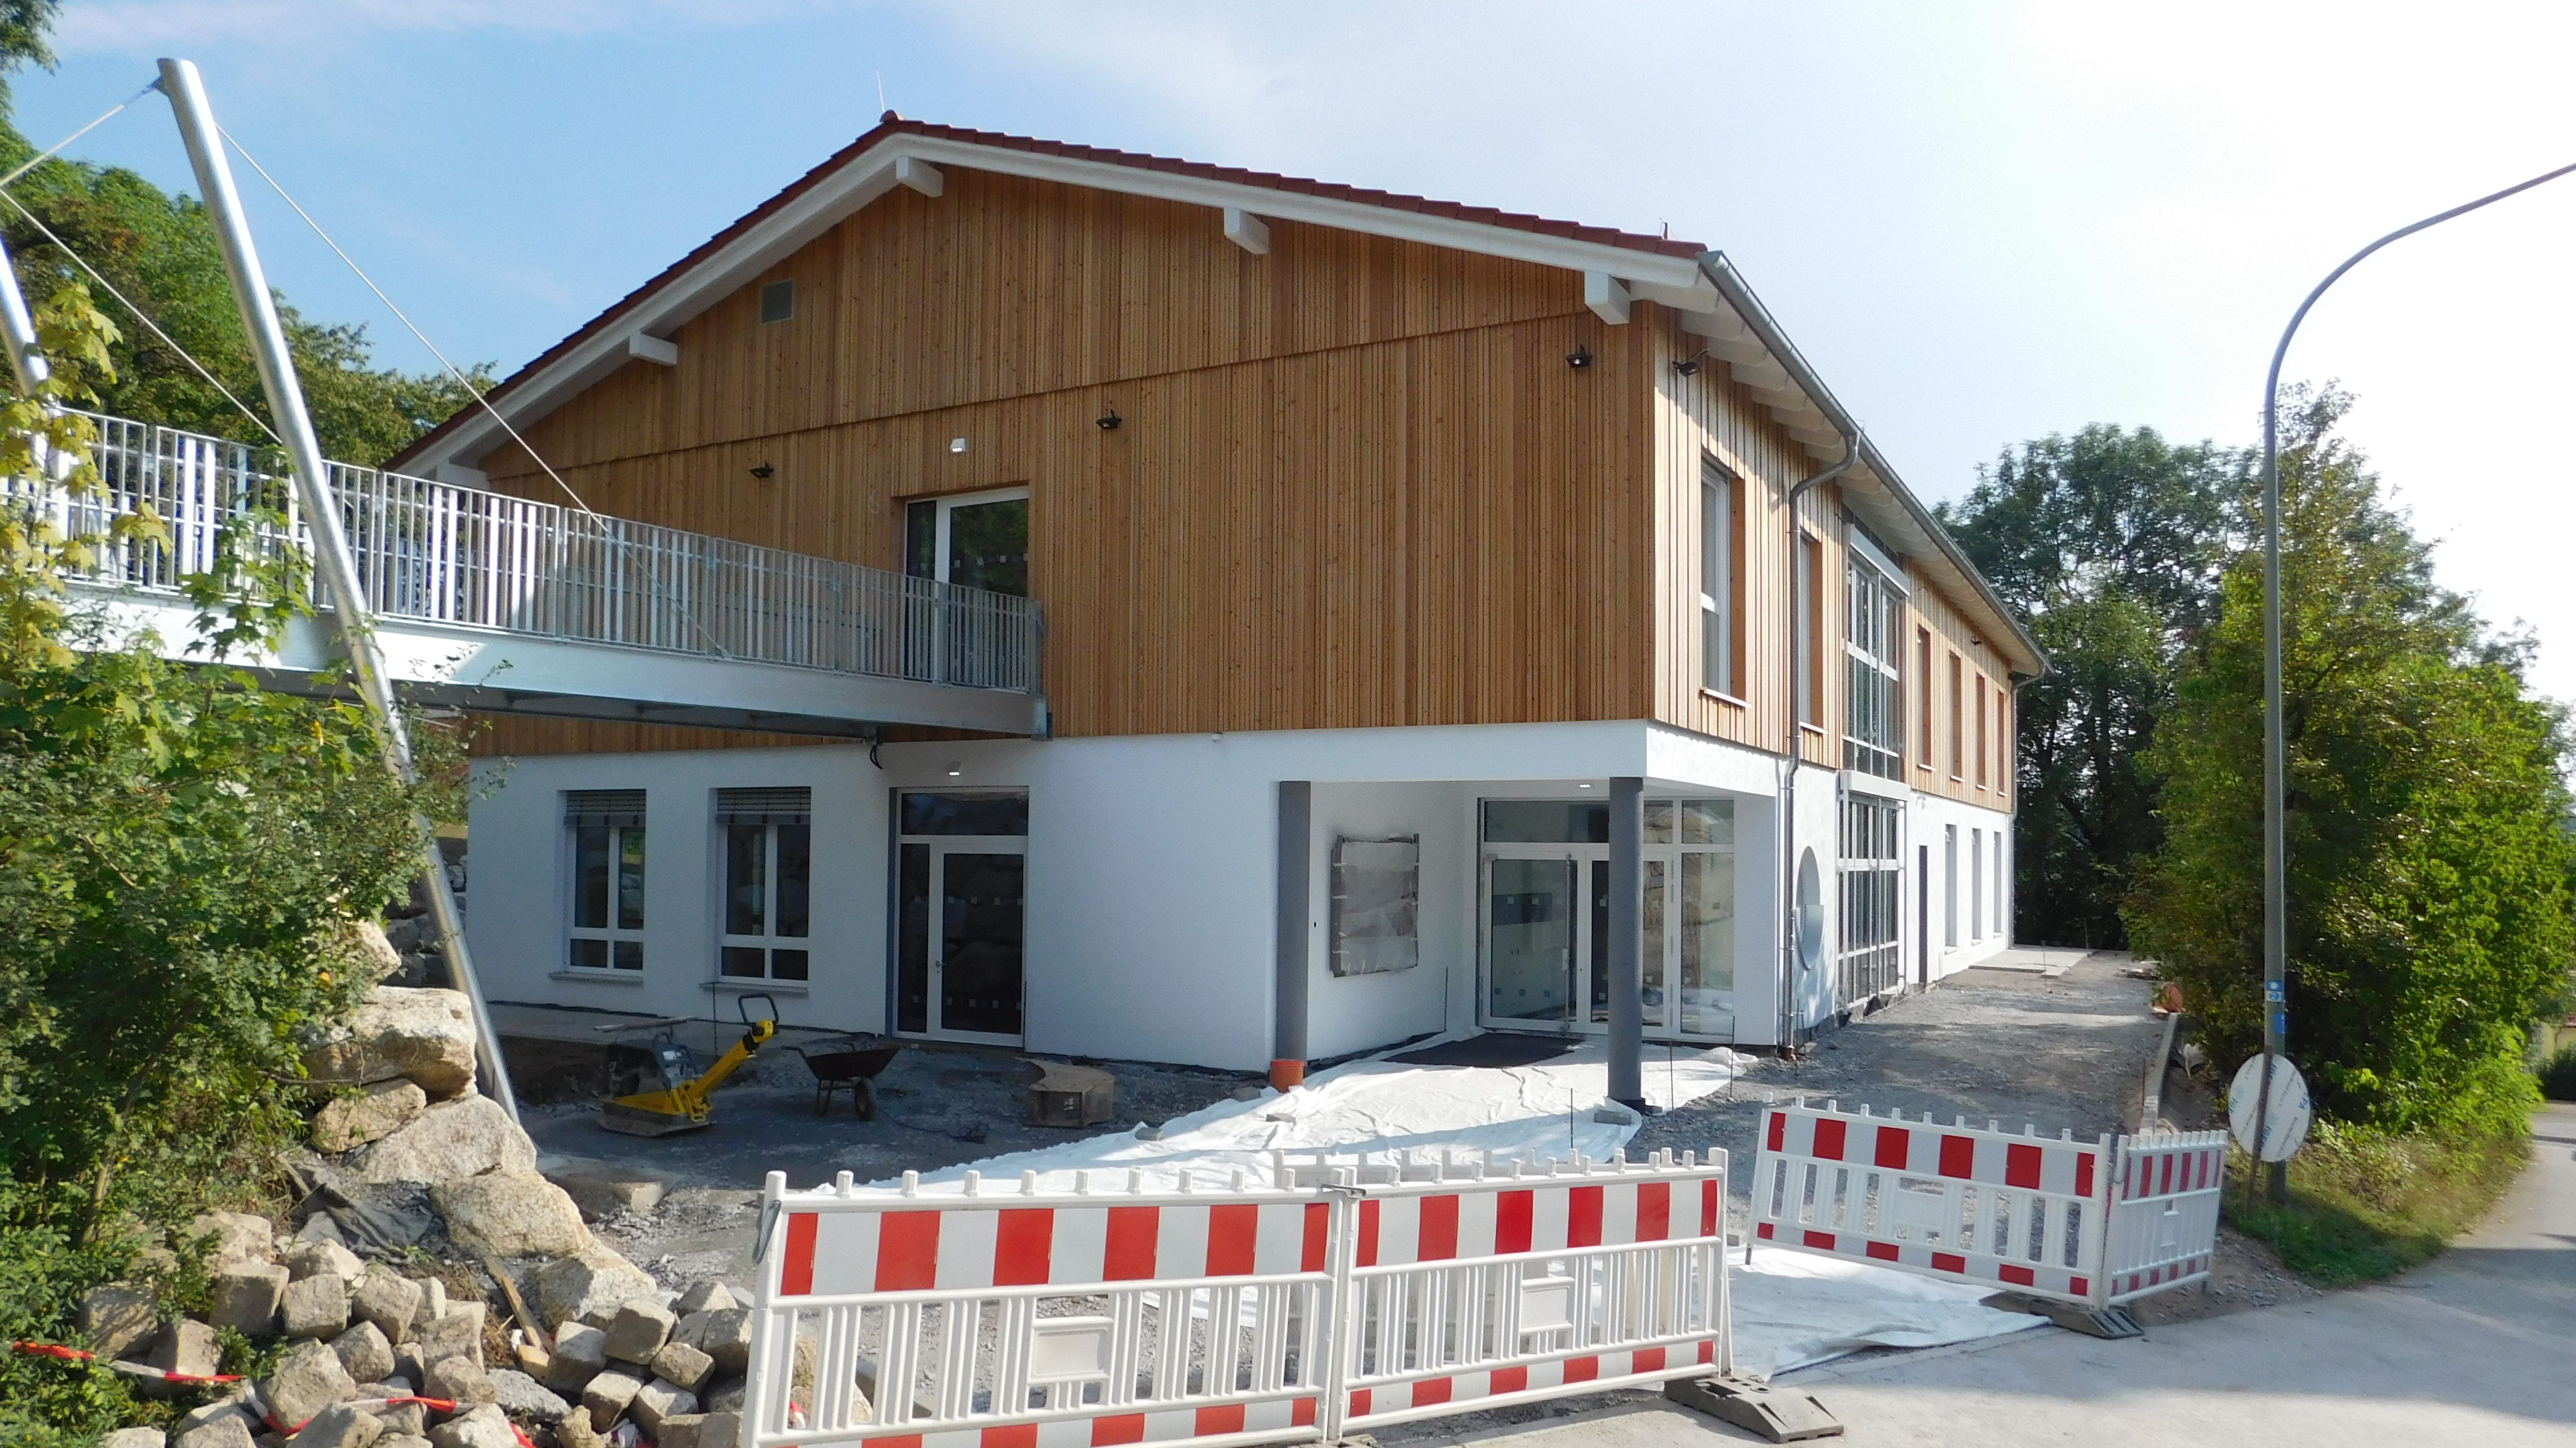 Die neue Jugendstätte in Haidenaab, die Fassade des Obergeschosses ist mit Holz verkleidet. Davor ist eine rot-weiße Absperrung, daneben Pflastersteine, die noch verlegt werden müssen.